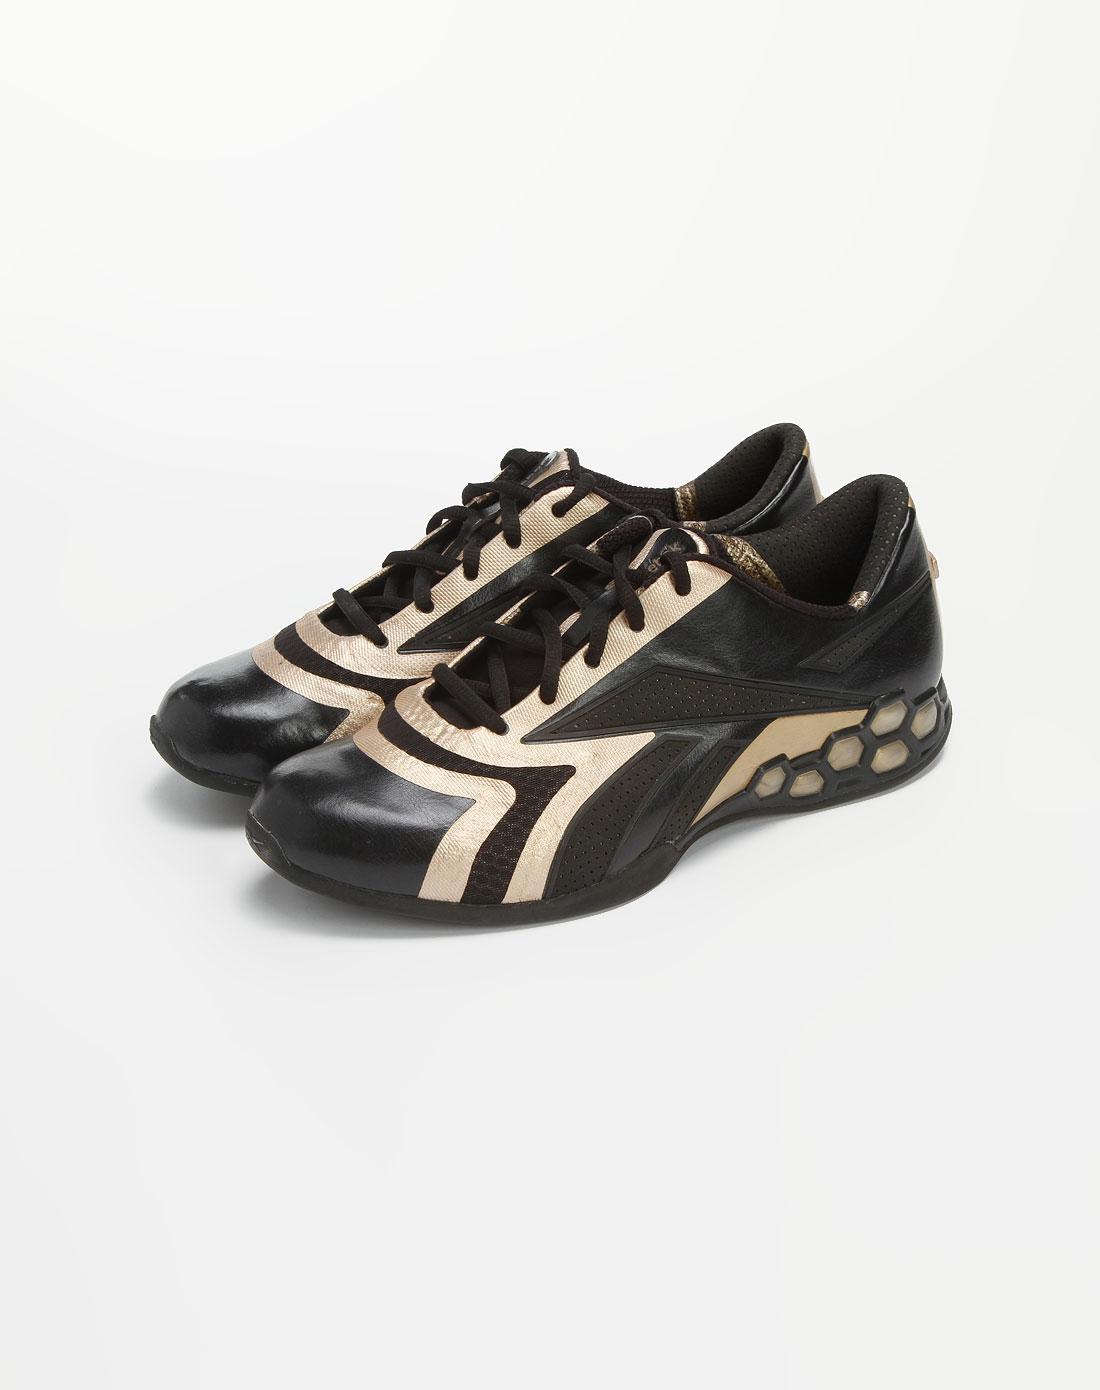 锐步reebok男女黑/金色休闲运动鞋875252